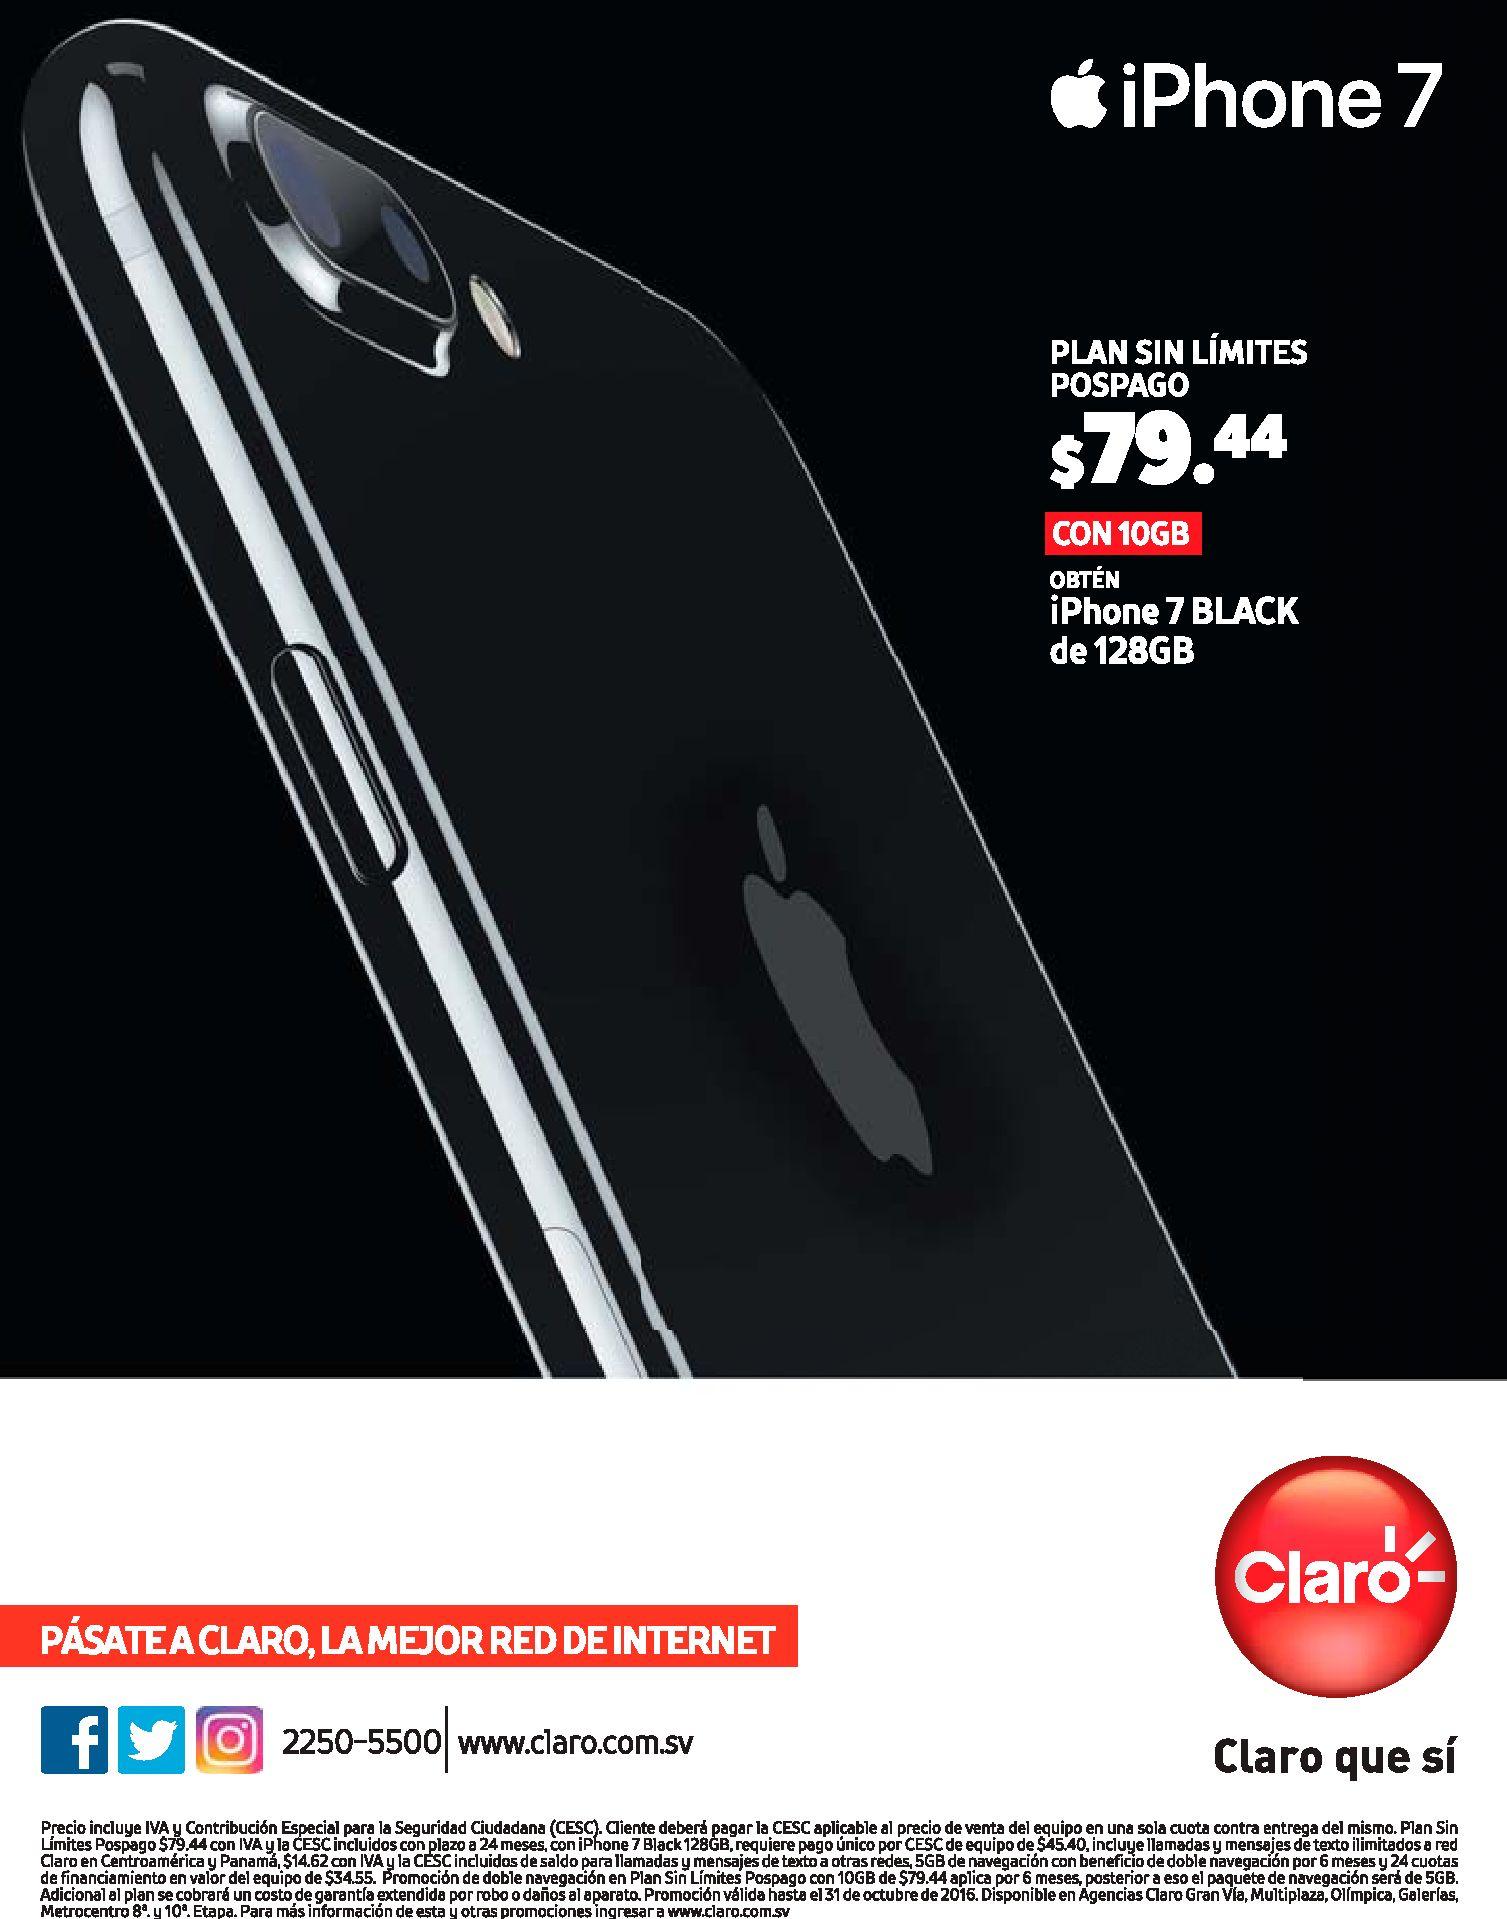 Cuanto vale el plan con un telefono iphone7 claro - Cuanto cuesta el pladur ...